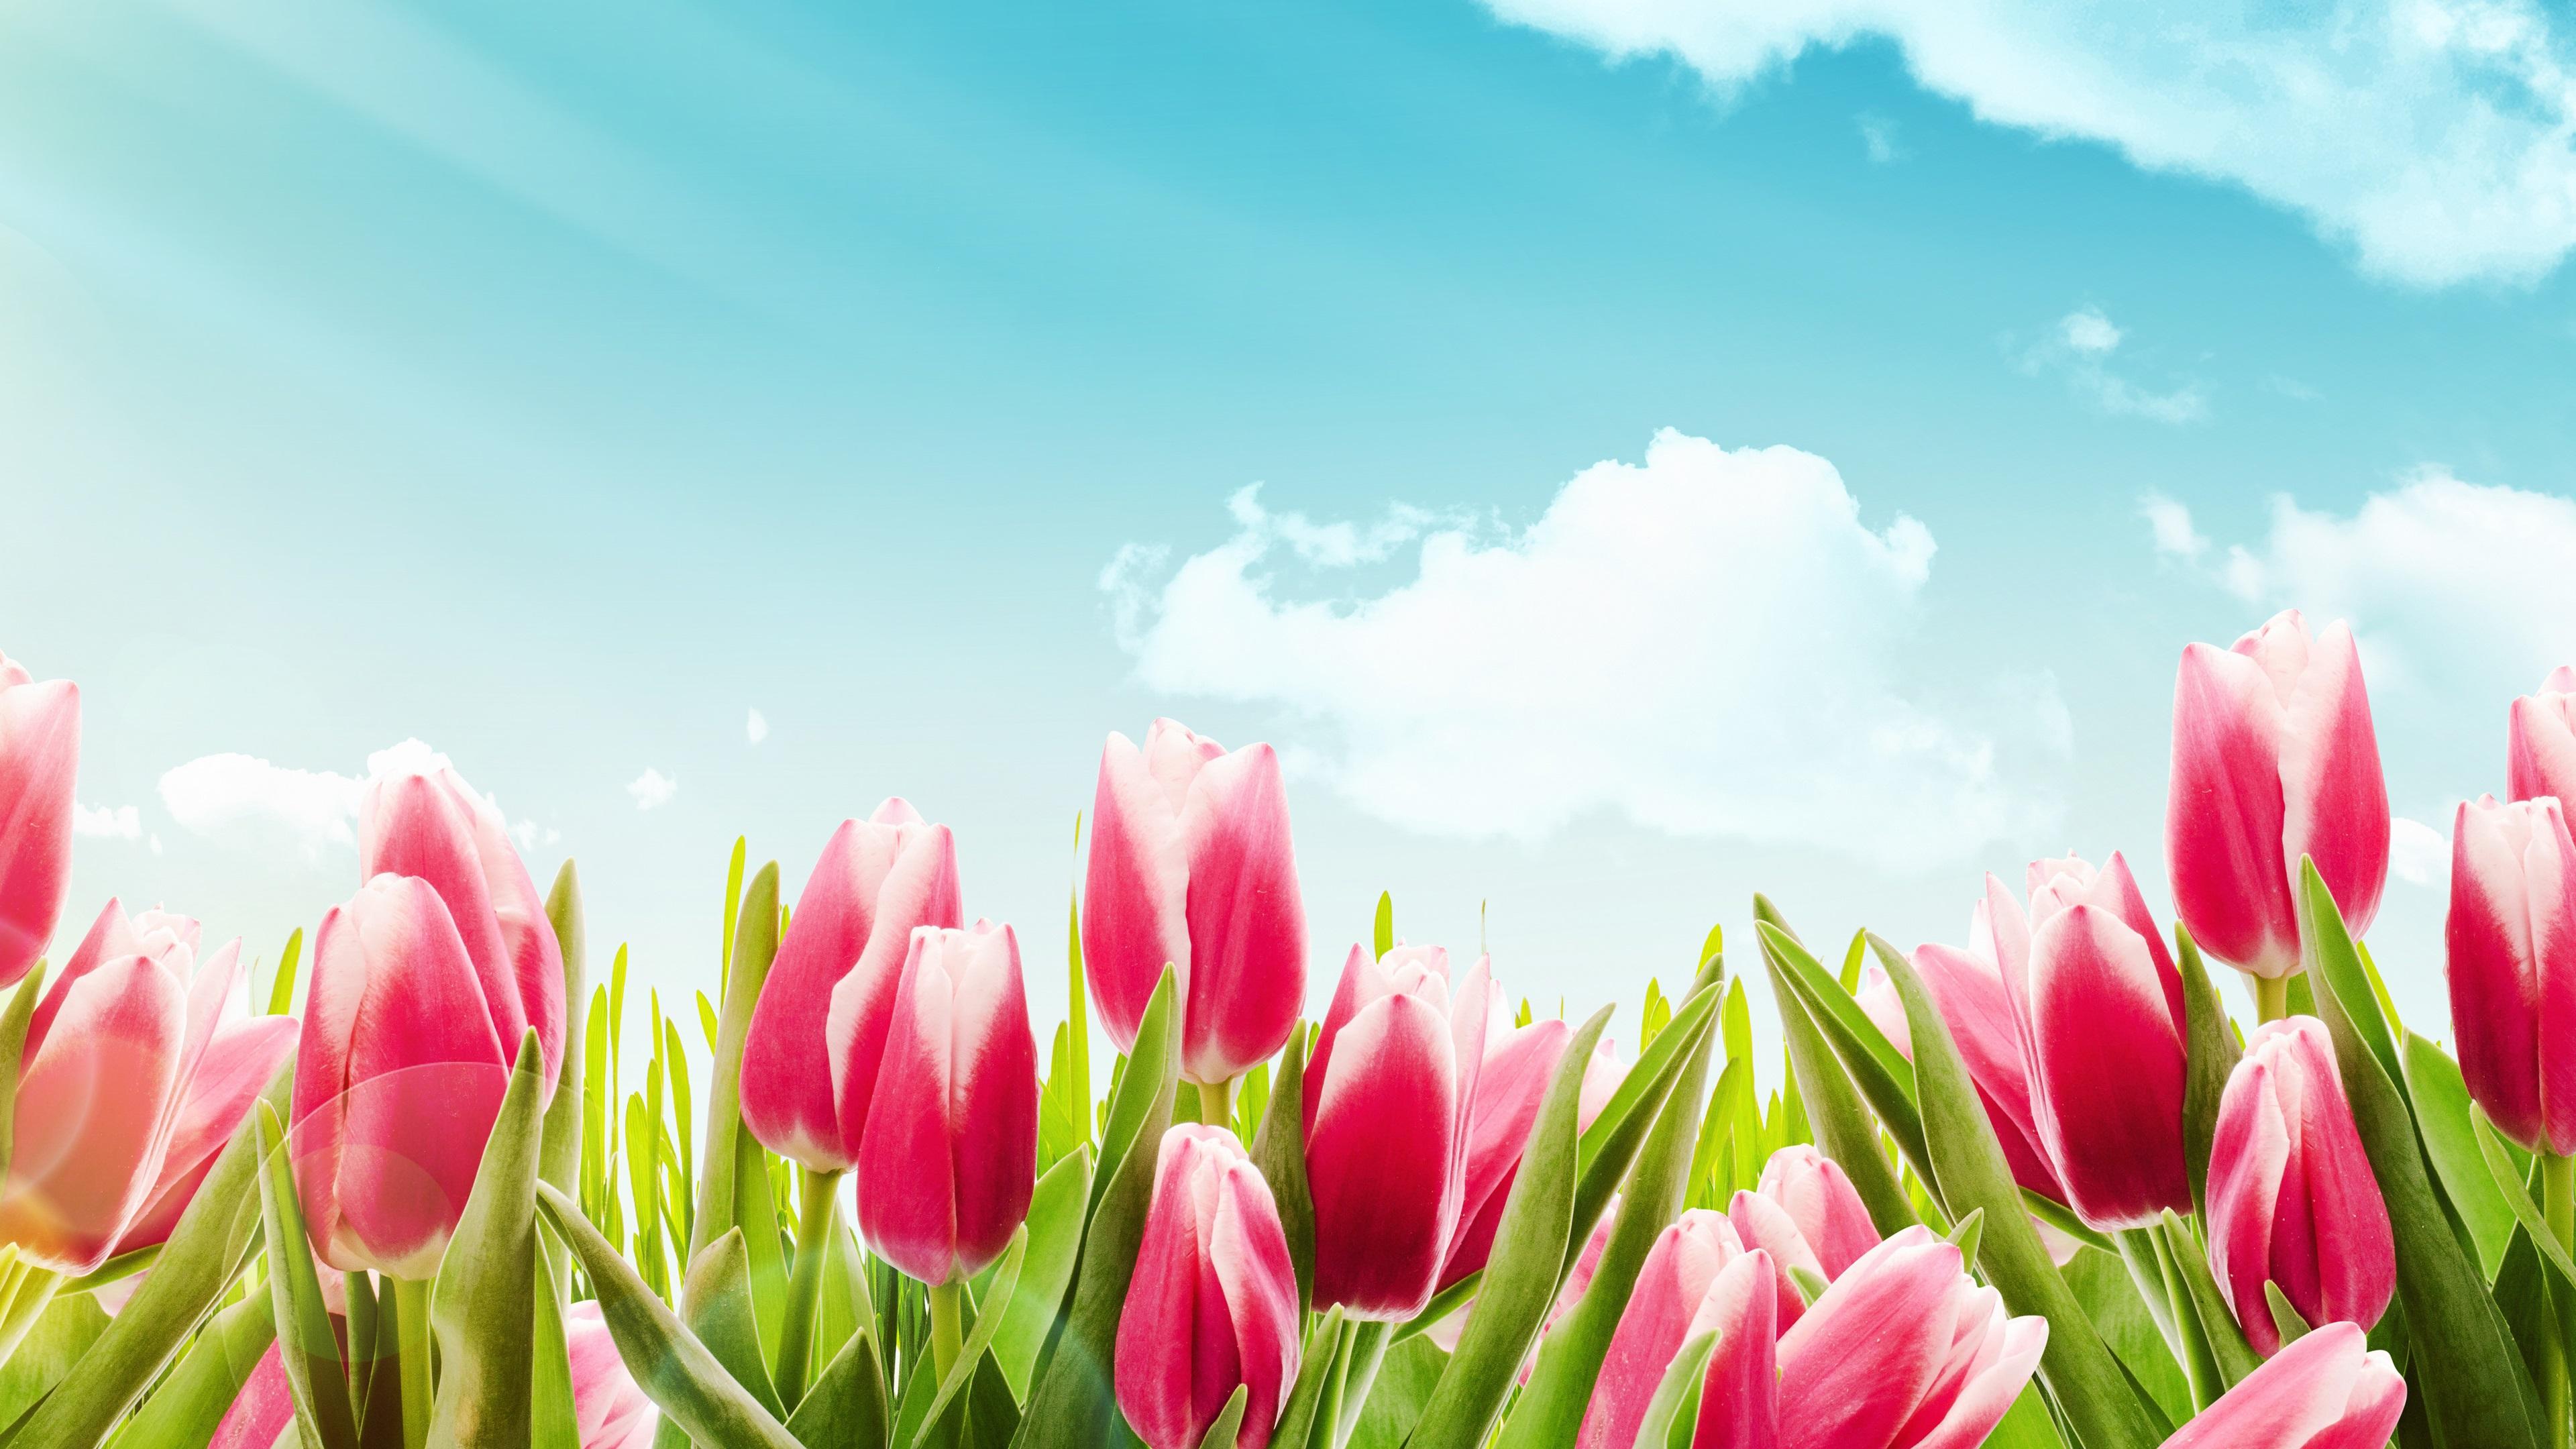 Fondos De Pantalla Tulipanes Rosa, Flores, Cielo Azul